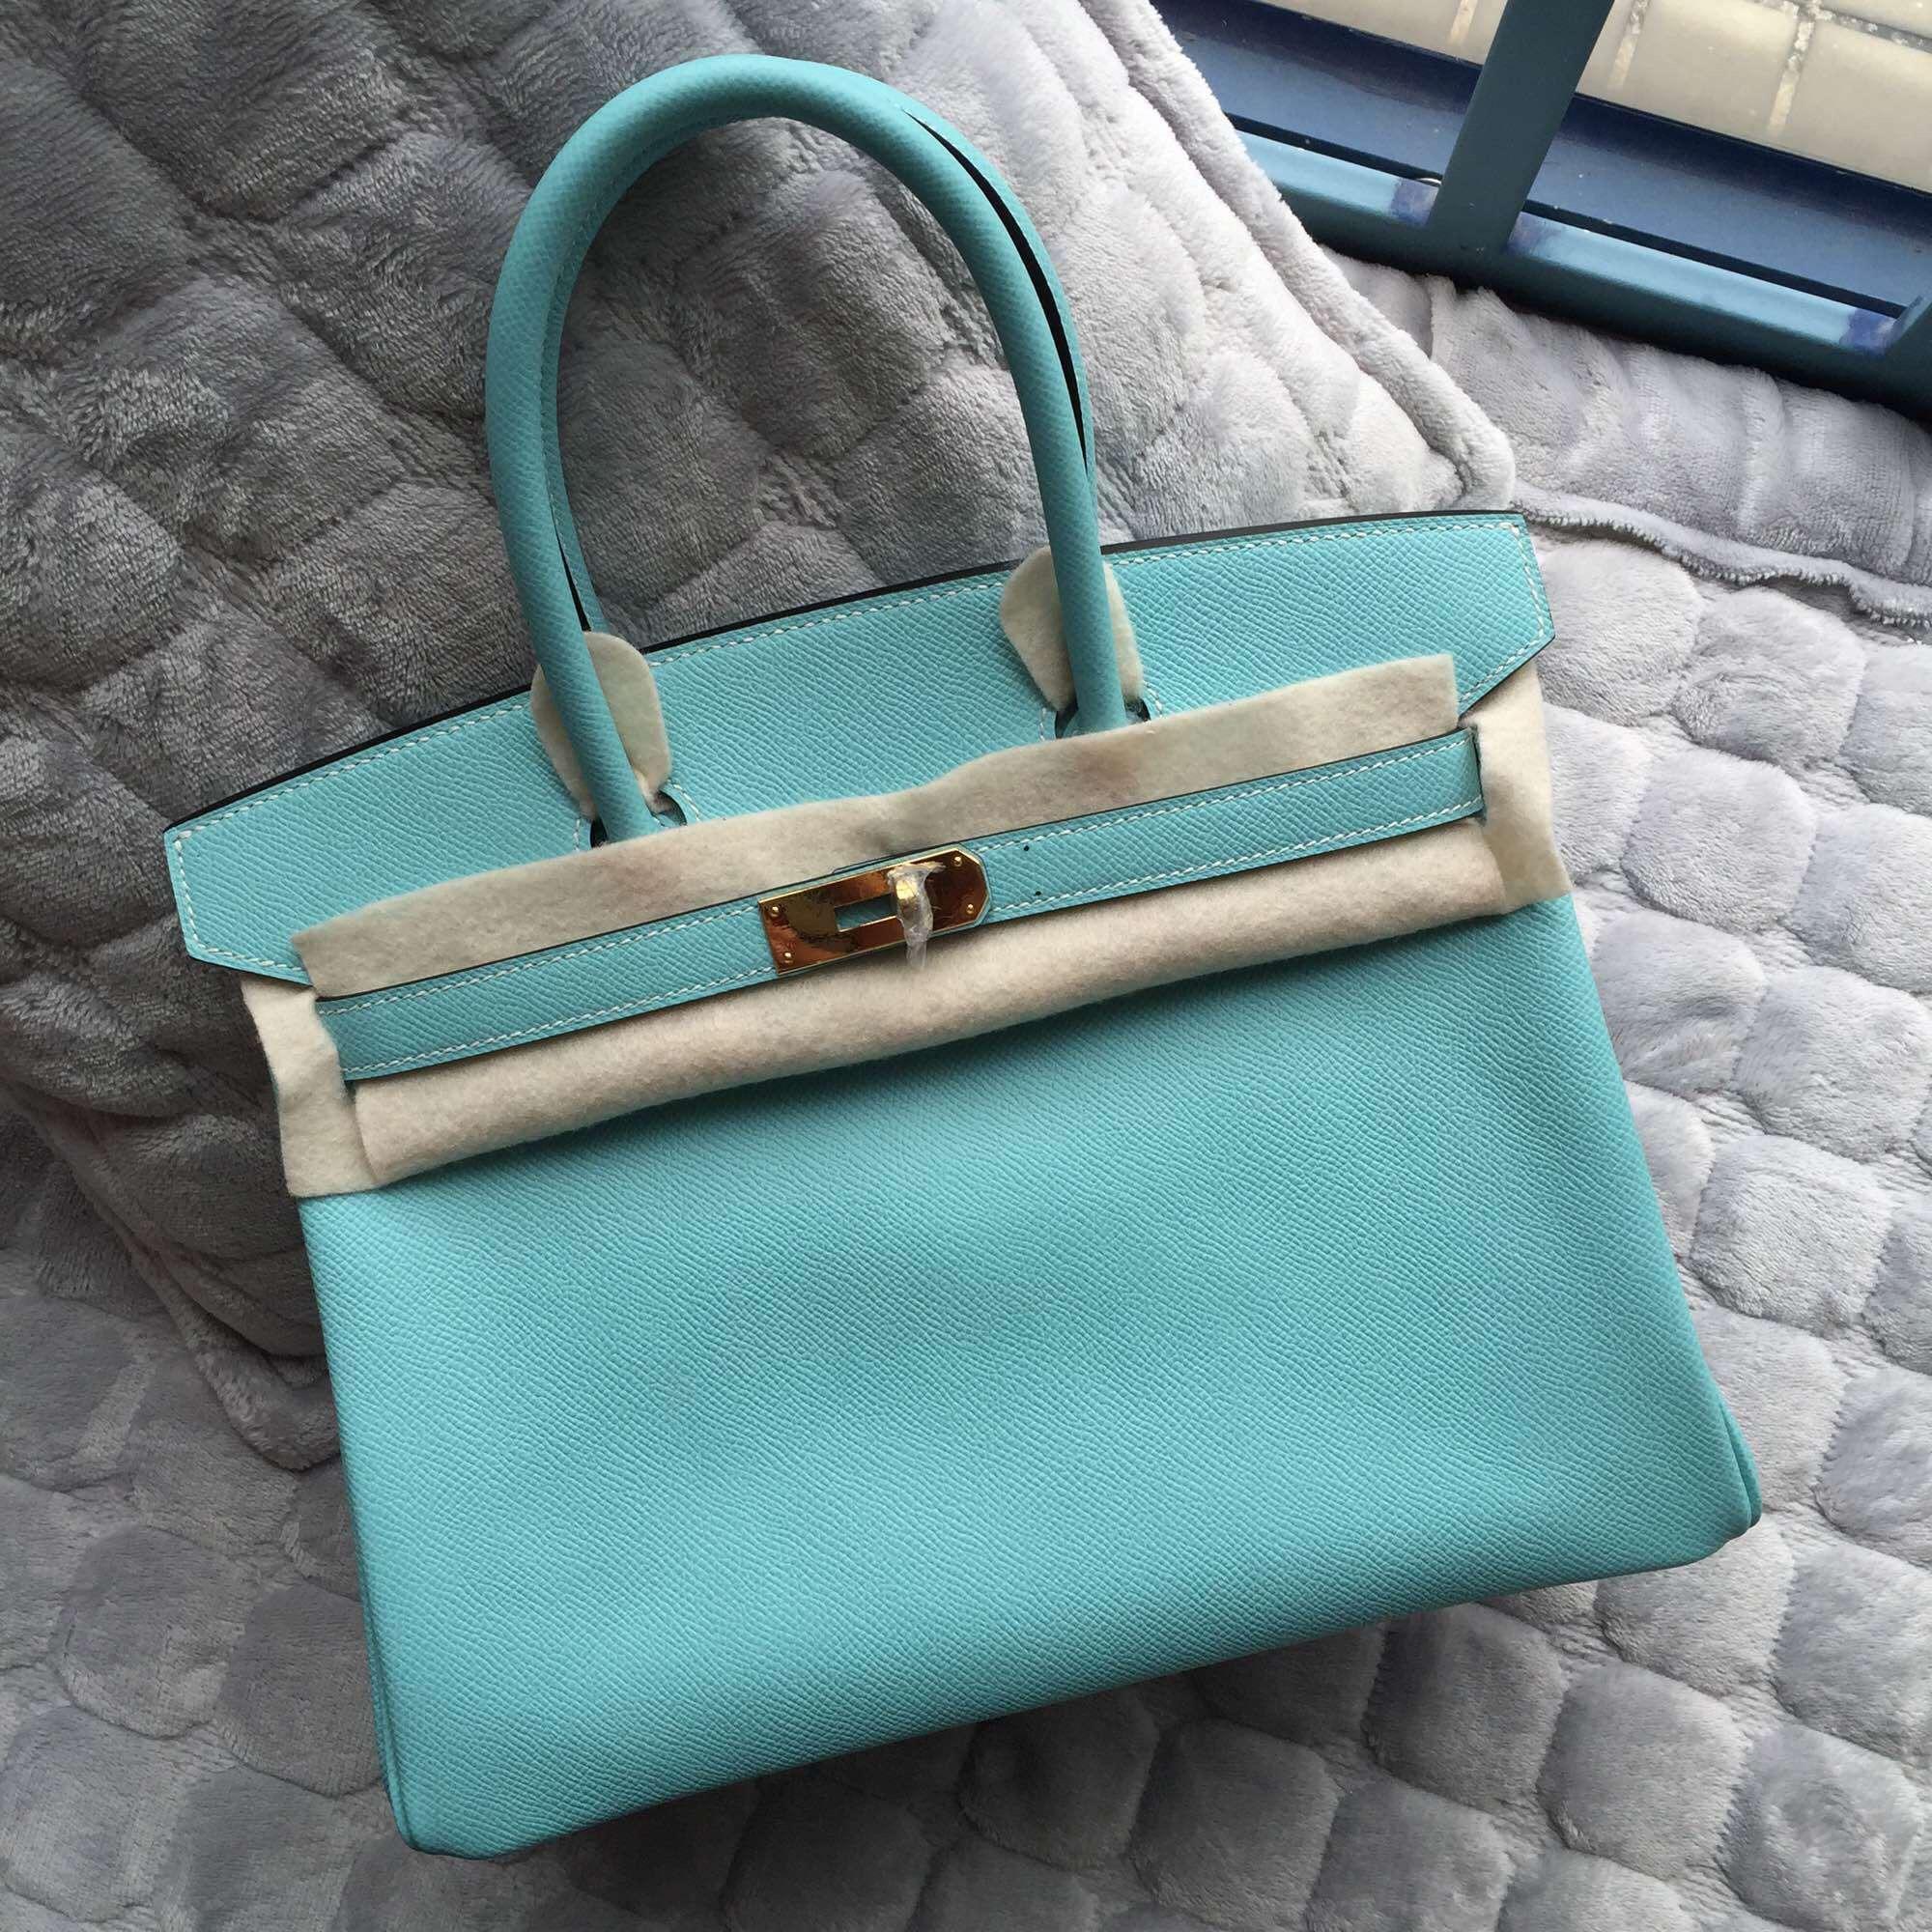 Cheap Hermes Birkin Bag in 3P Lagon Blue Epsom Leather Women's Tote Bag 30CM